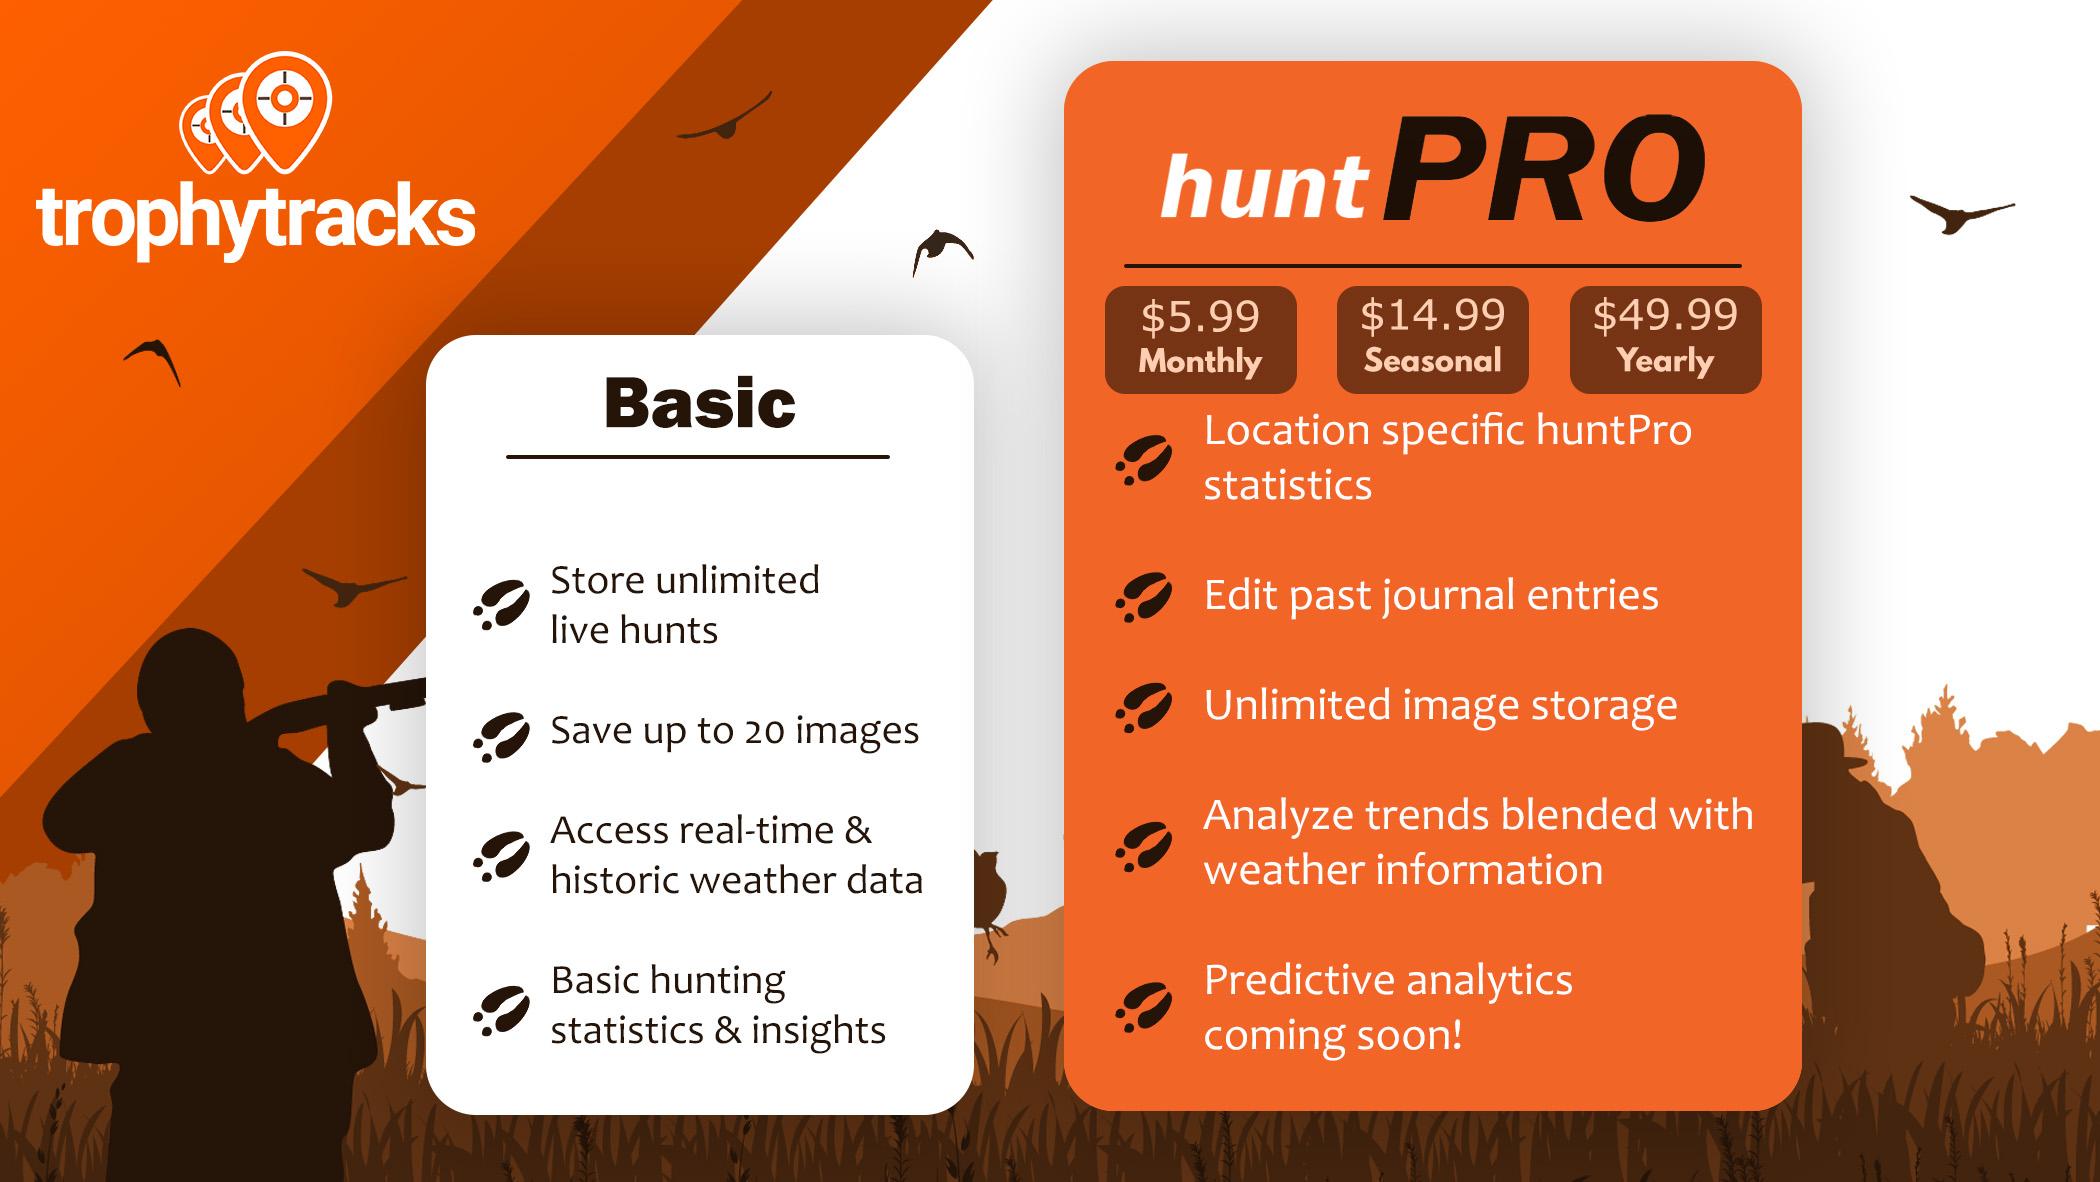 huntpro-pricing-image